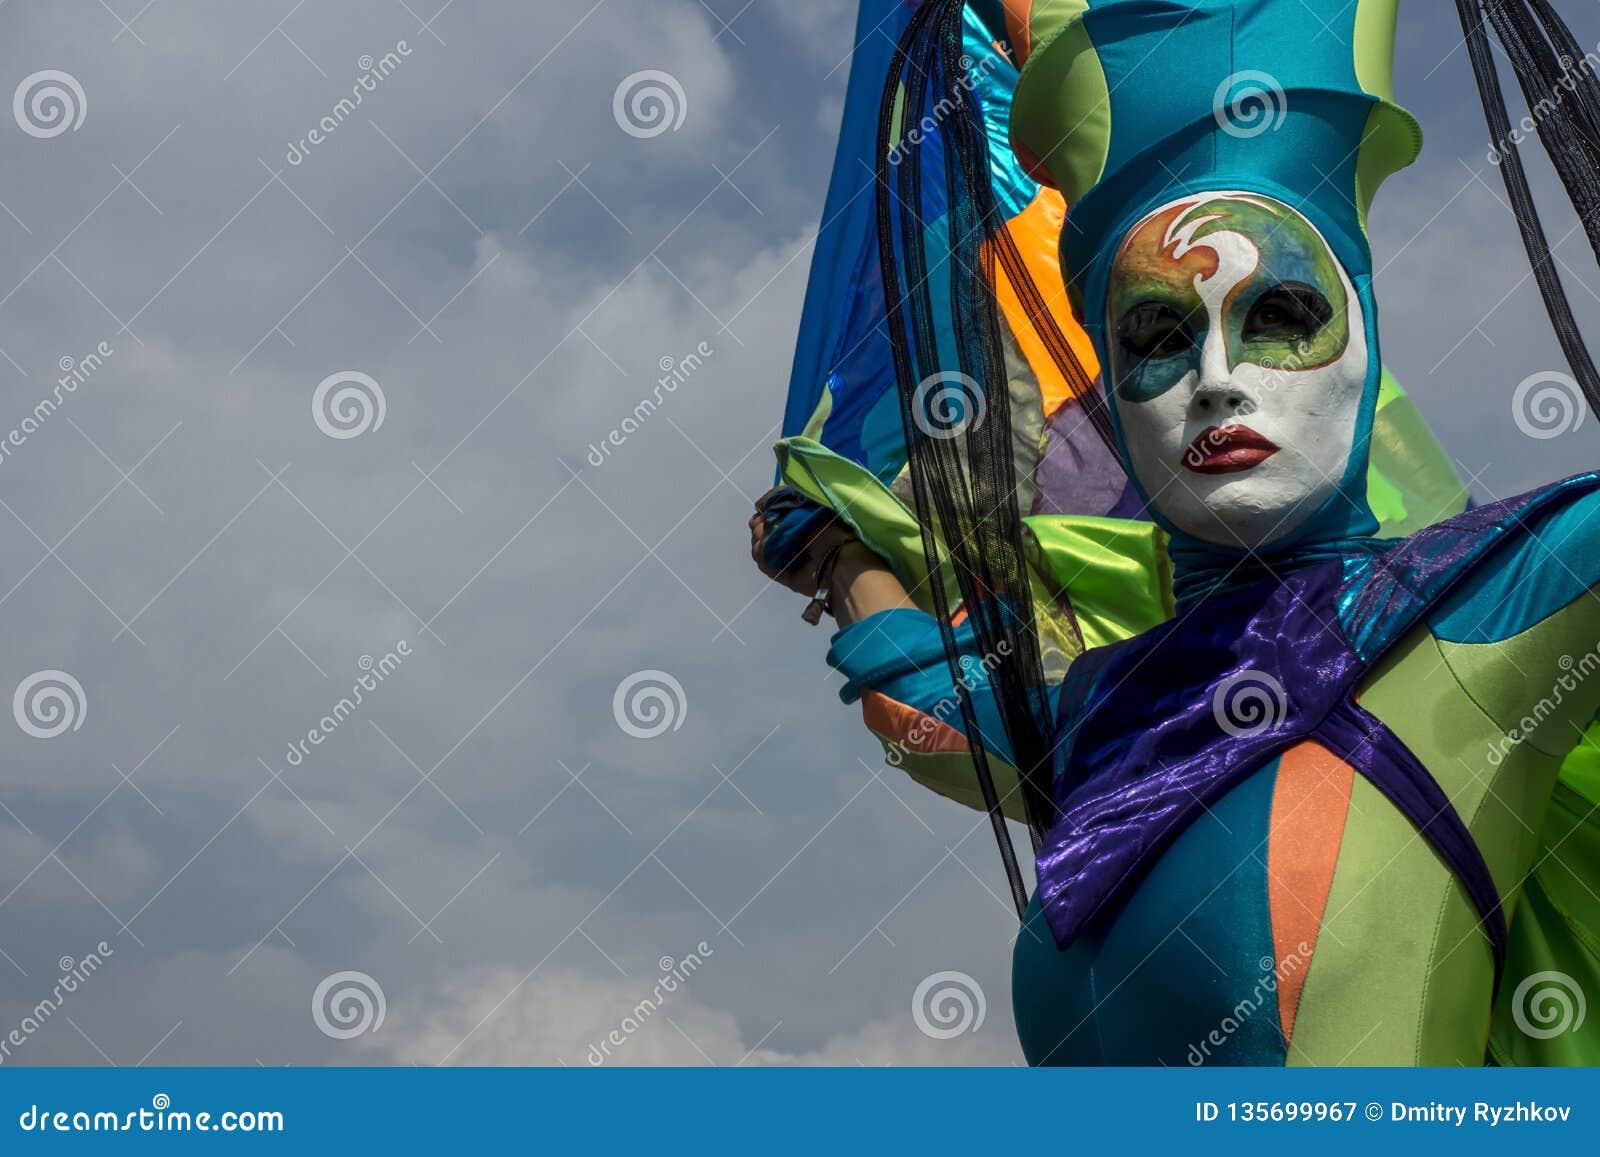 Akrobata w kolorowej masce w niebieskim niebie